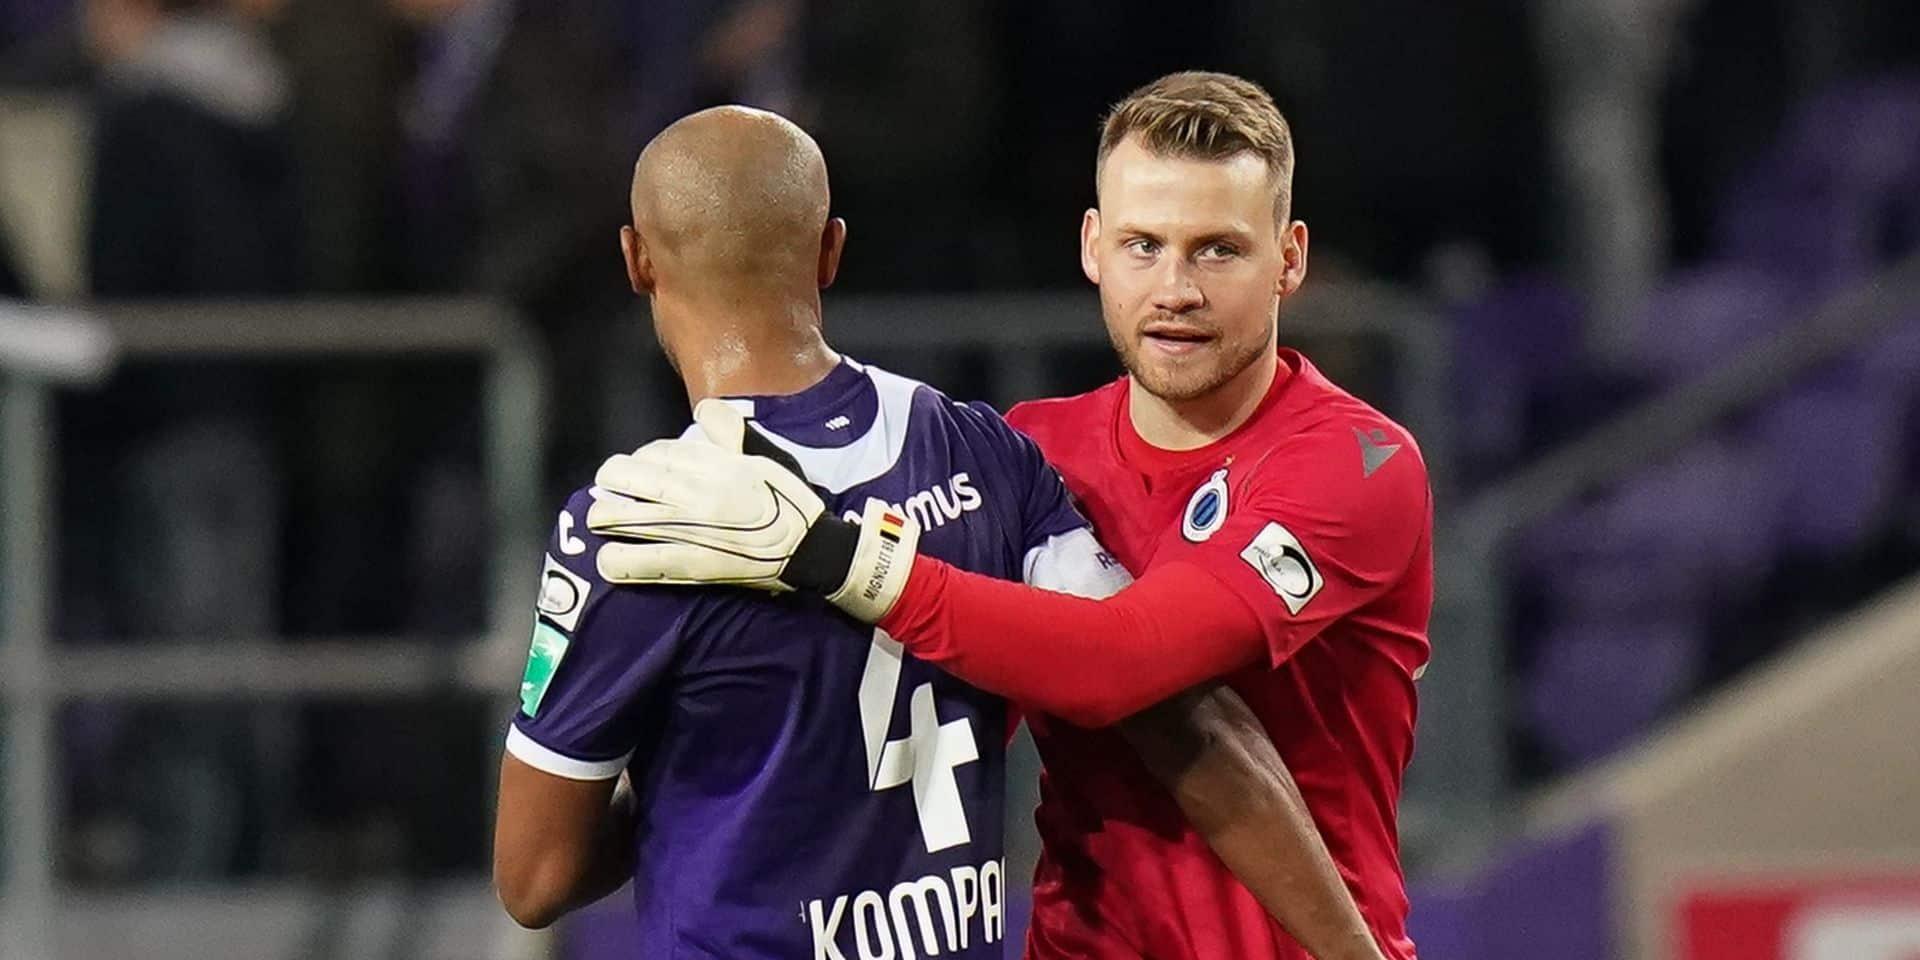 Jet de pétard vers Simon Mignolet et chants homophobes lors du 'topper': Anderlecht risque... 2500 euros d'amende